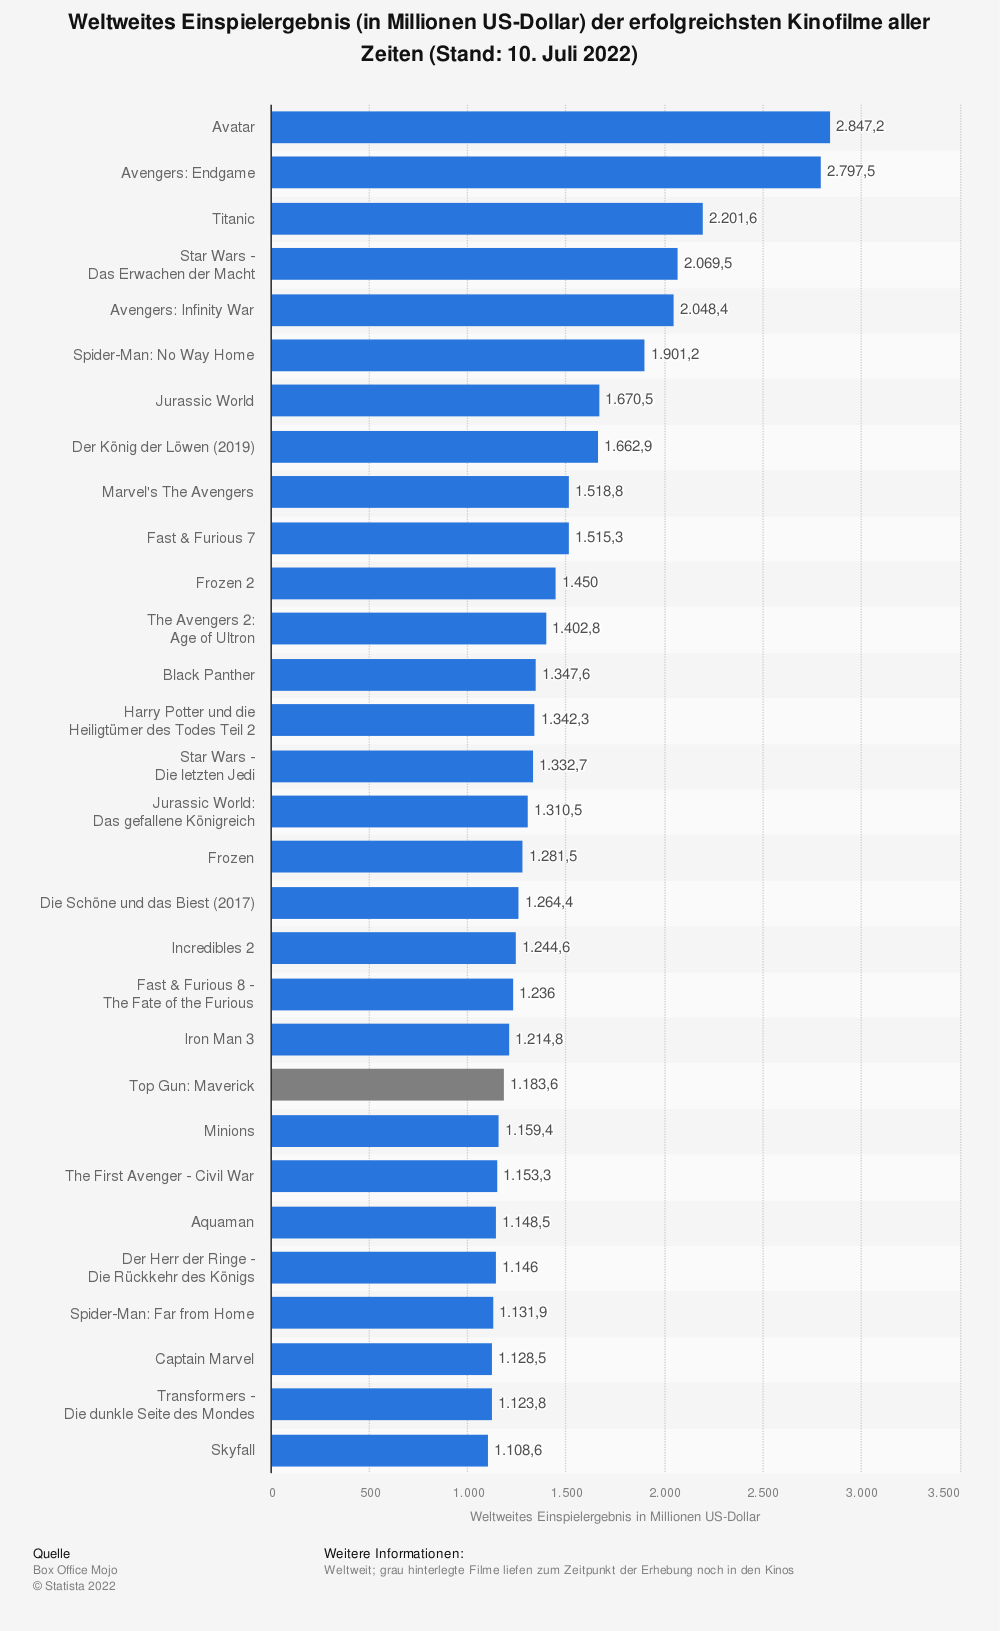 Statistik: Weltweites Einspielergebnis (in Millionen US-Dollar) der erfolgreichsten Kinofilme aller Zeiten (Stand: 15. Dezember 2019) | Statista